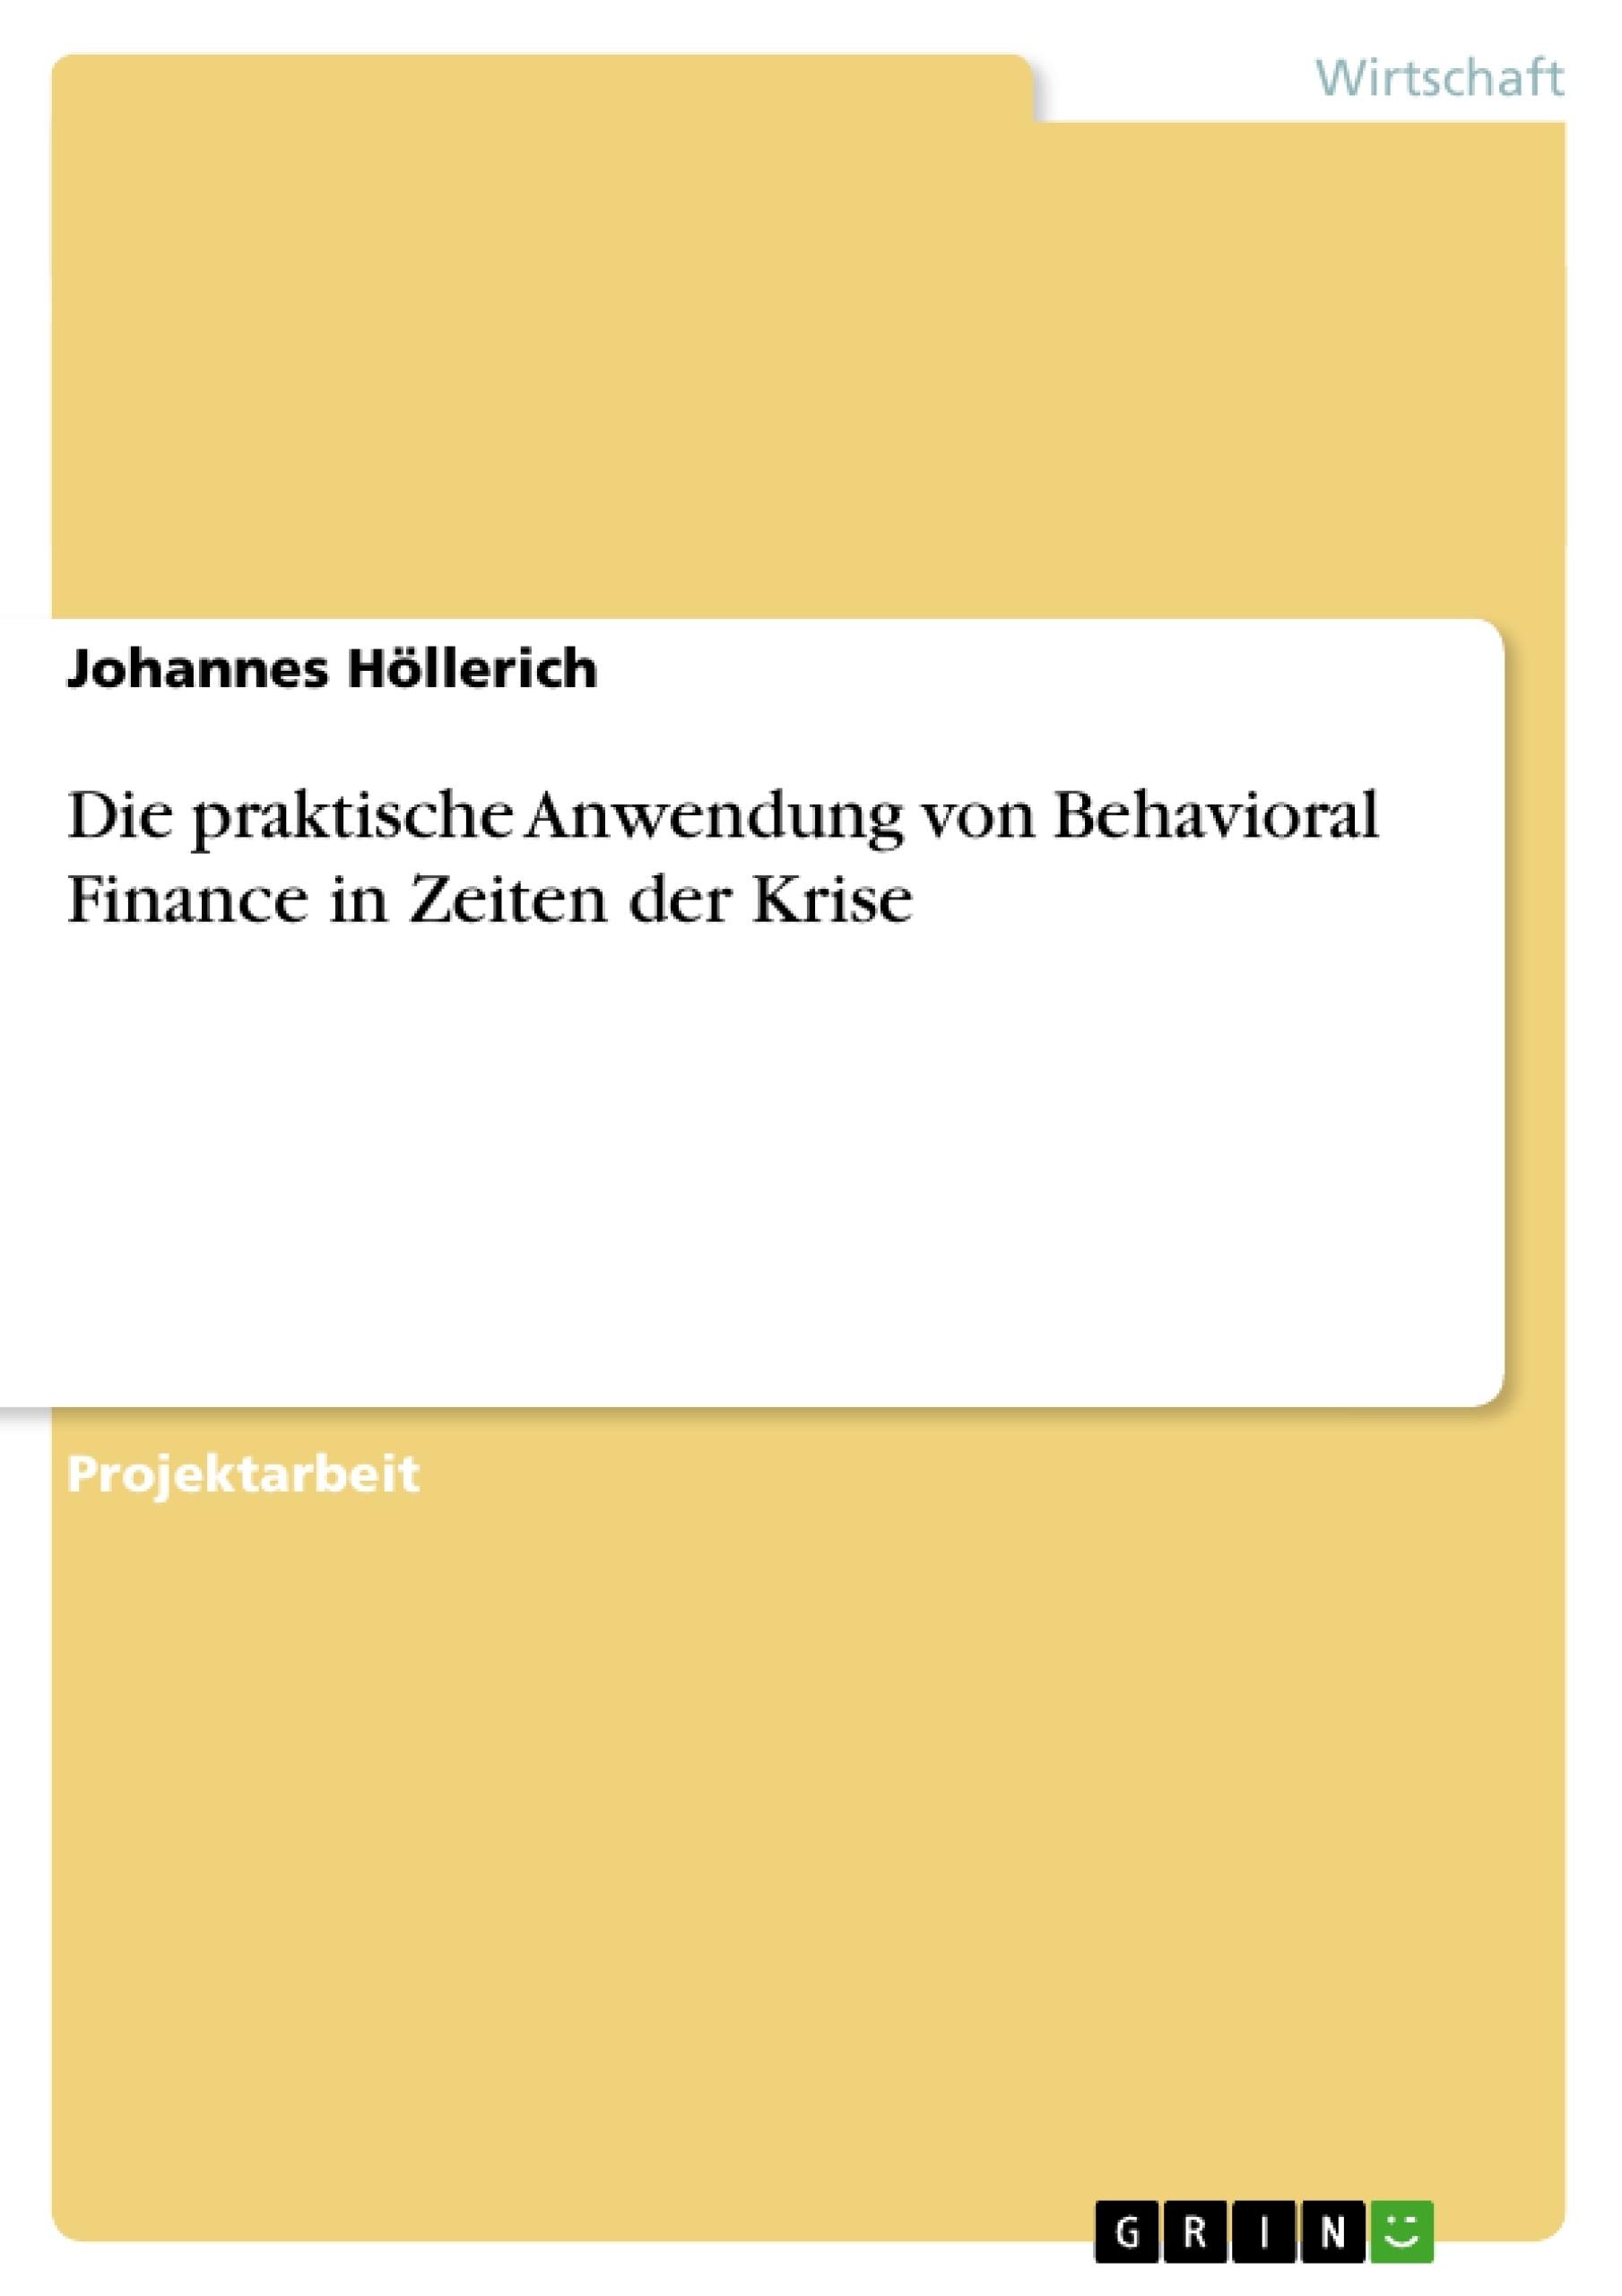 Atemberaubend Investmentbanking Stichprobe Galerie - Beispiel ...